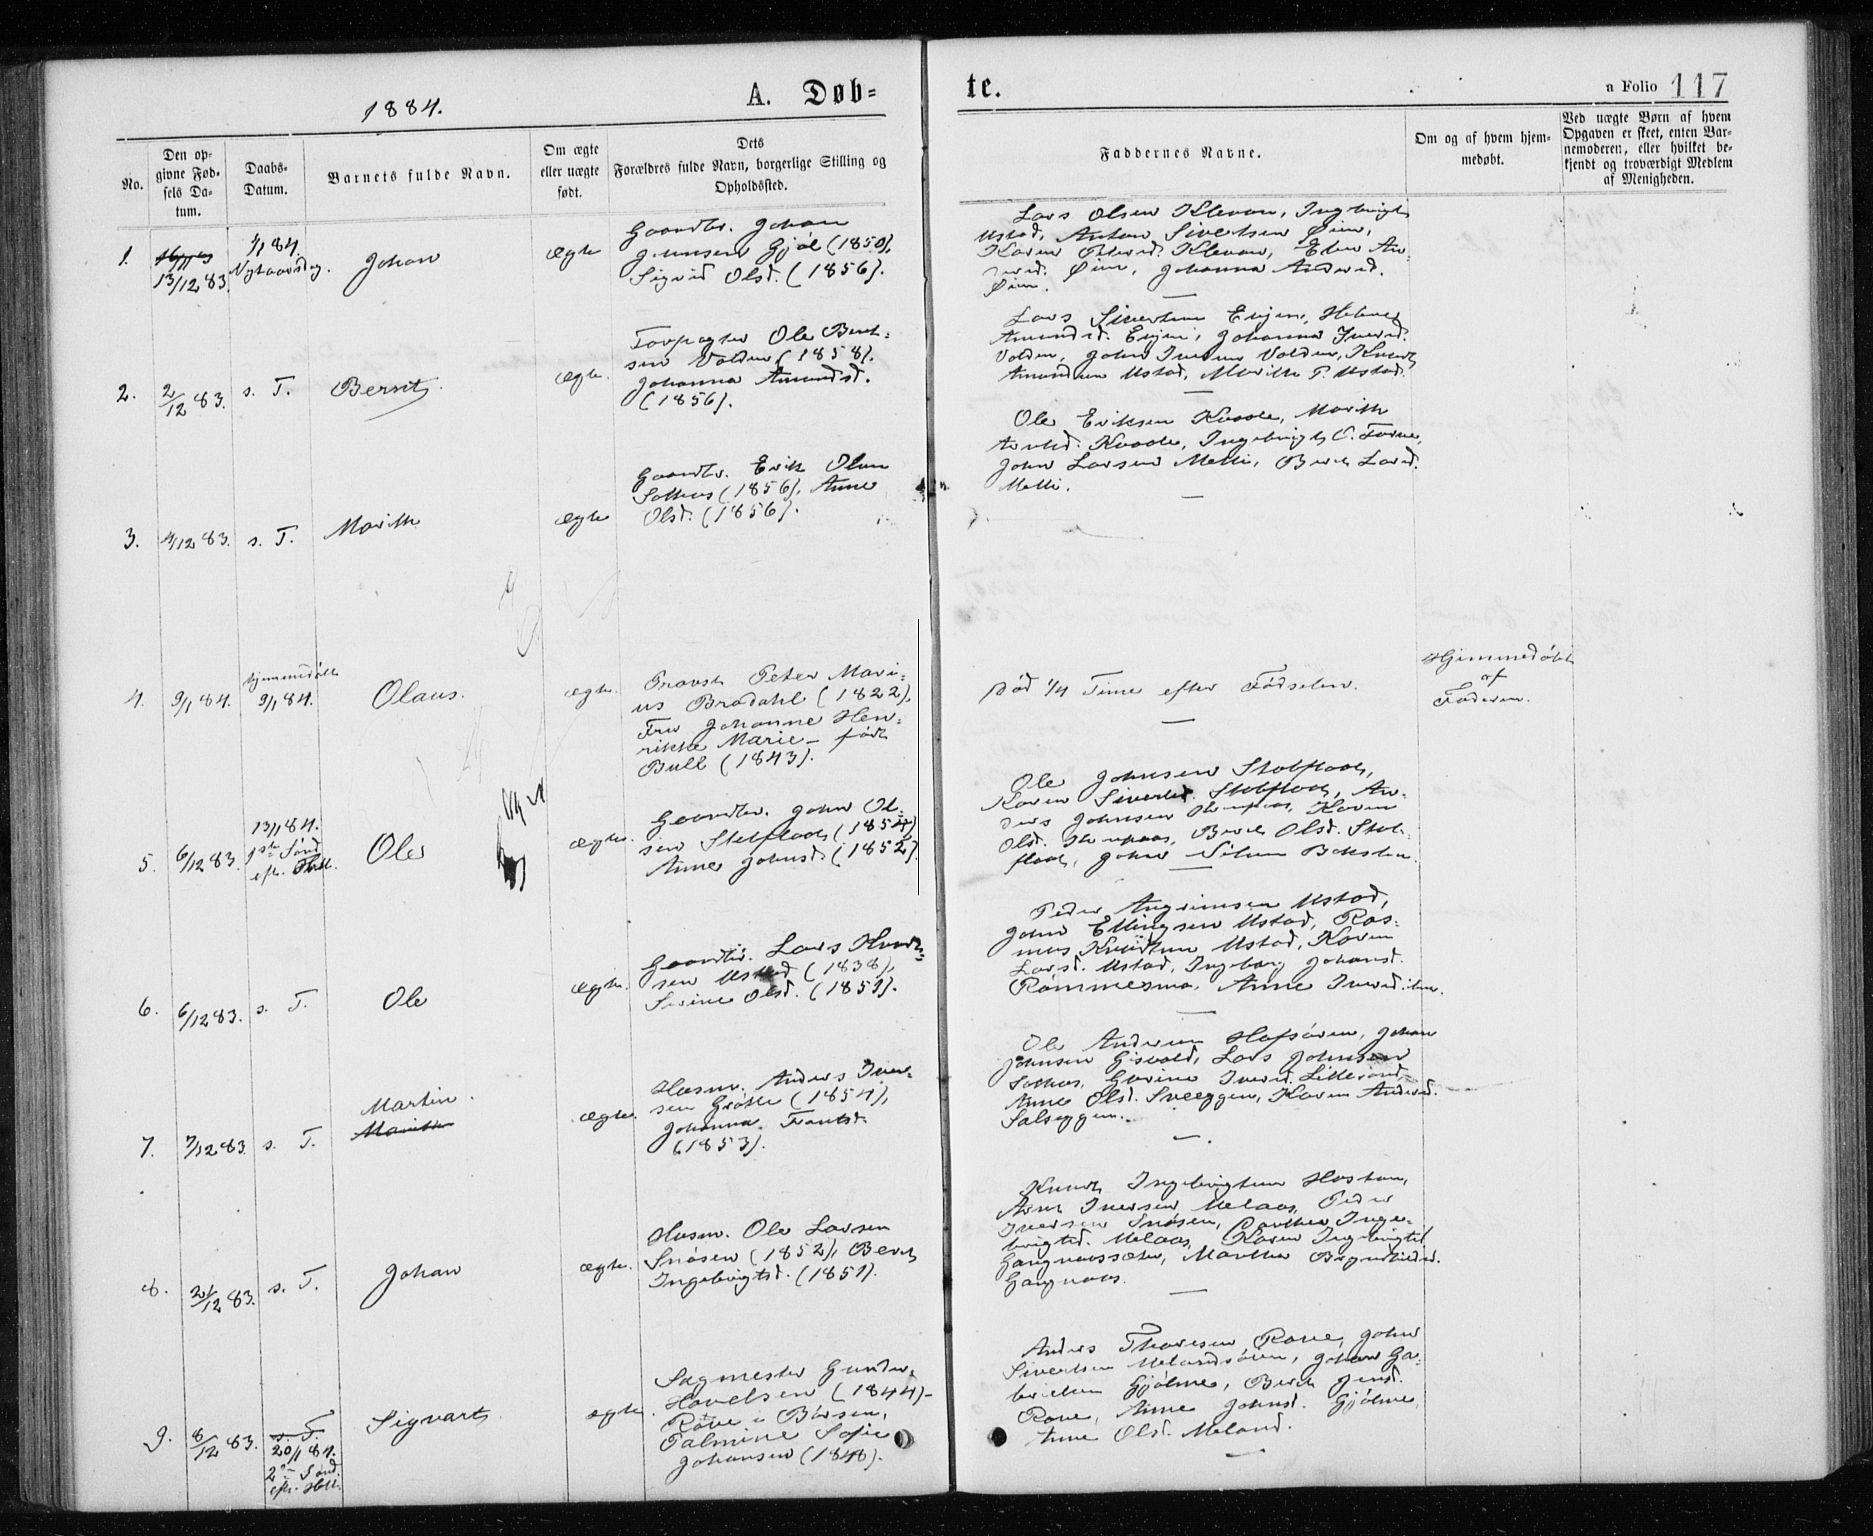 SAT, Ministerialprotokoller, klokkerbøker og fødselsregistre - Sør-Trøndelag, 668/L0817: Klokkerbok nr. 668C06, 1873-1884, s. 117